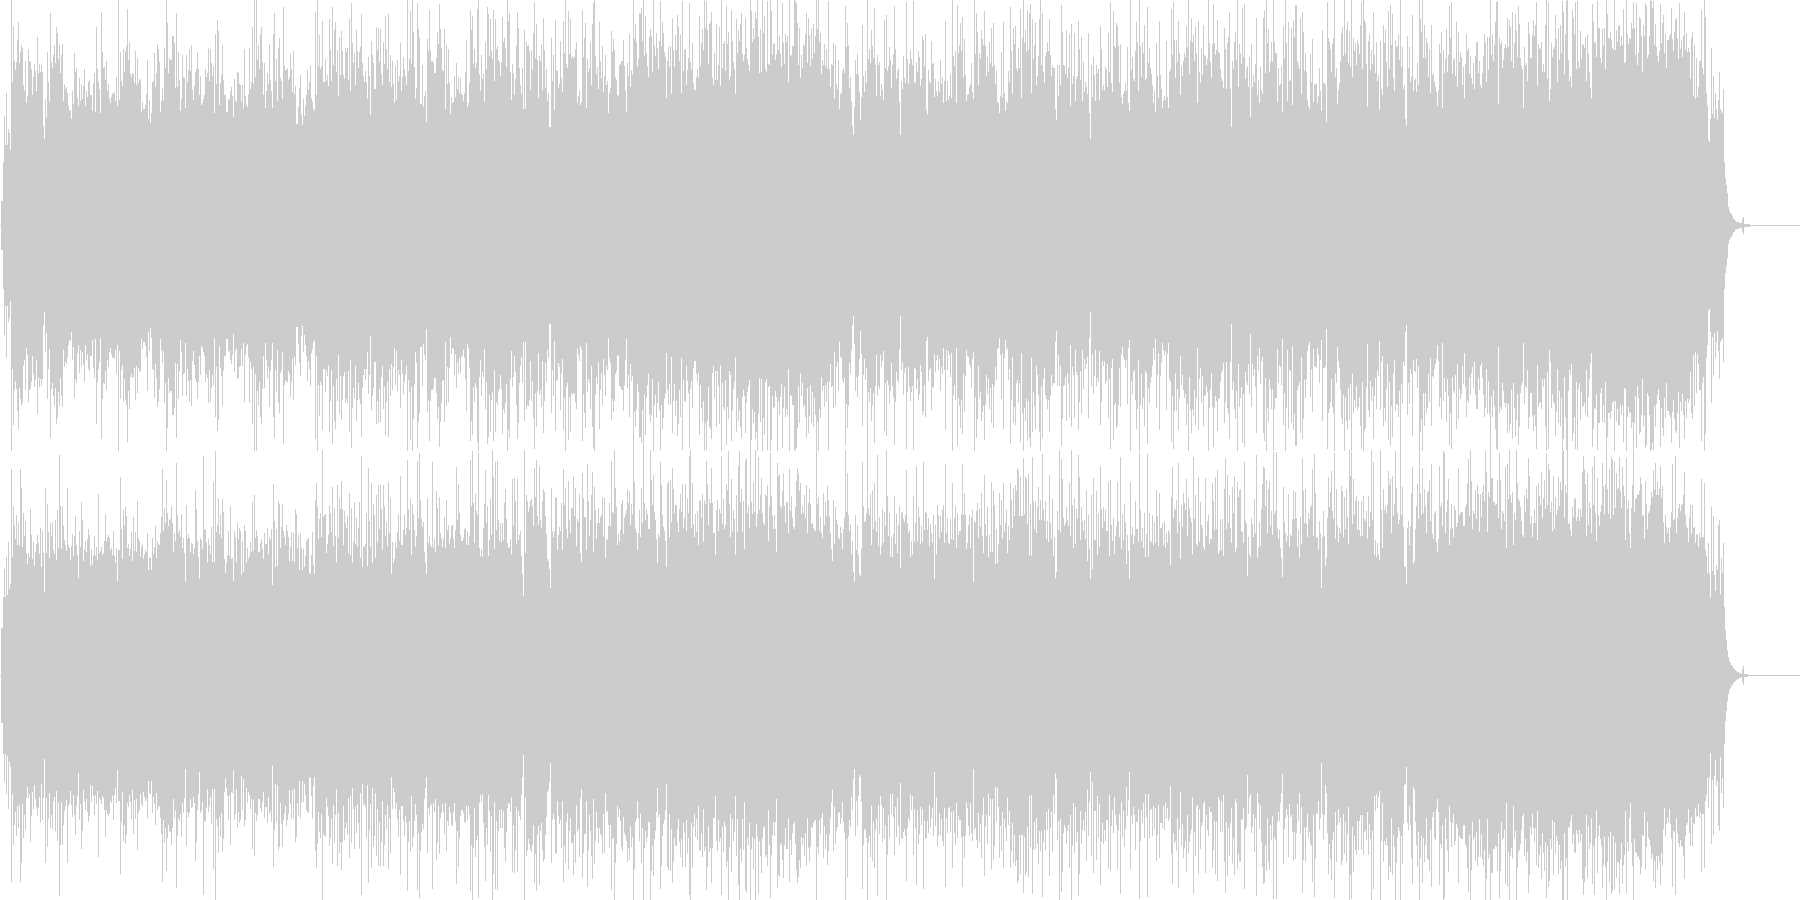 ラブロマンスのオープニング風切ない曲の未再生の波形